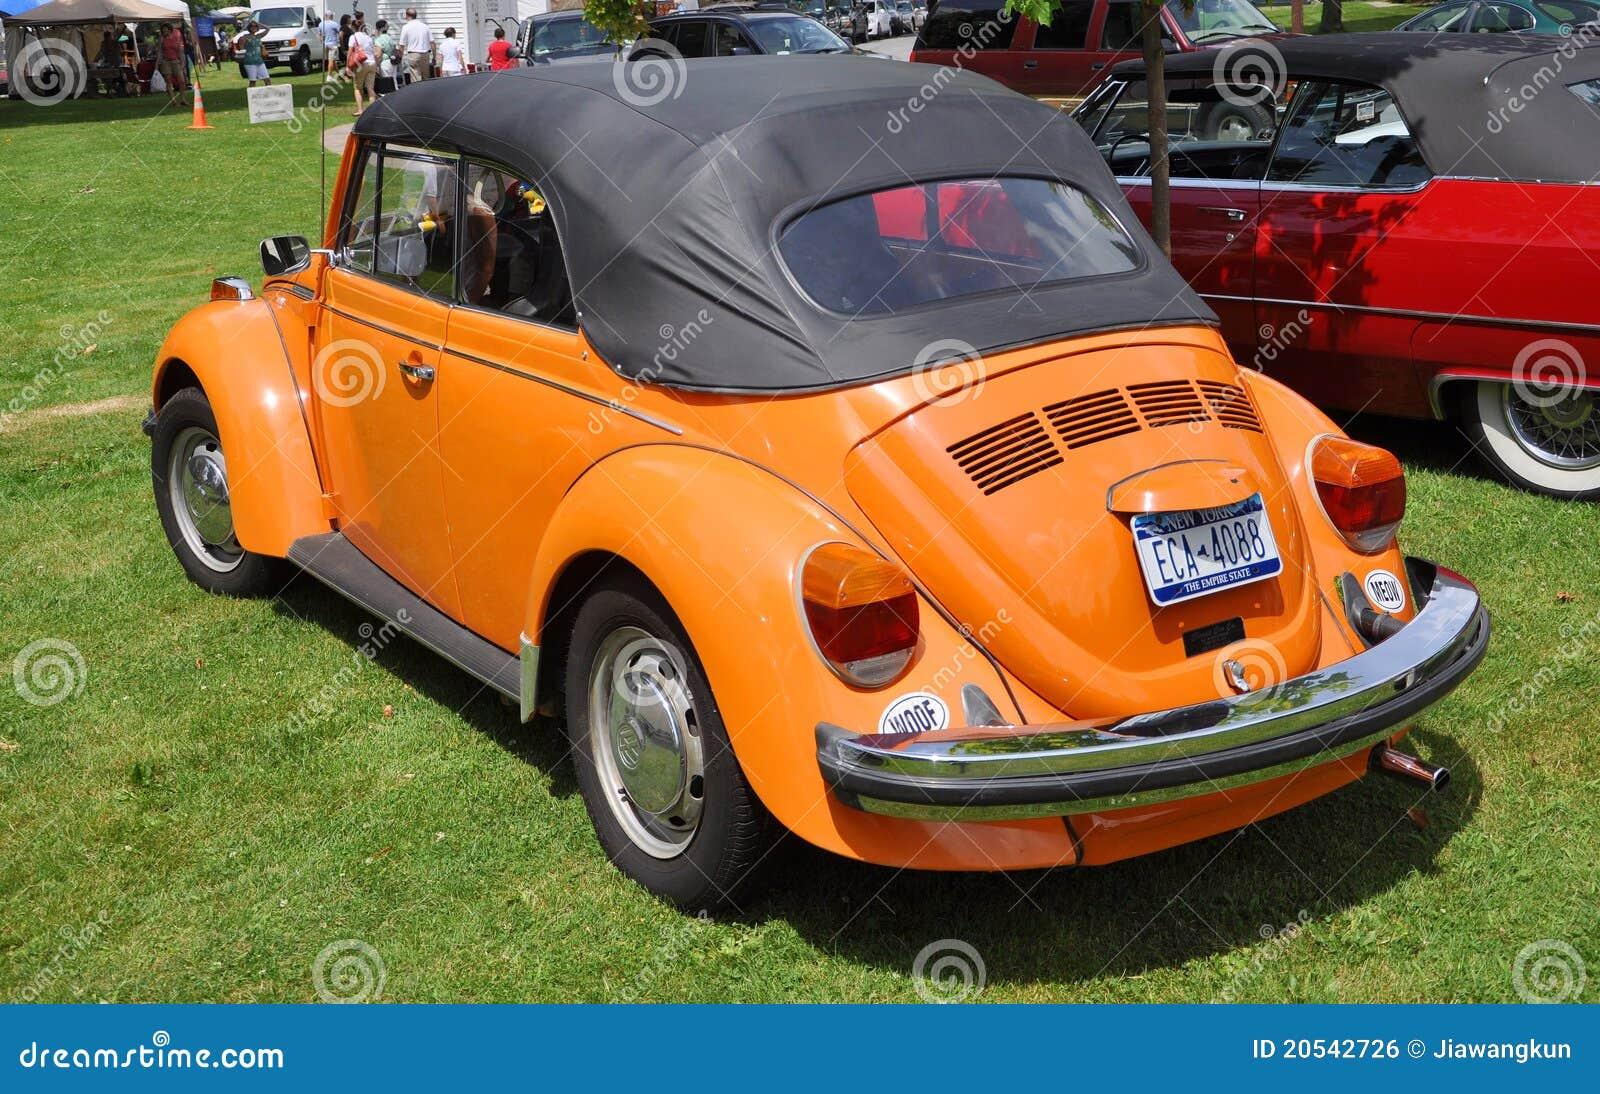 1976 orange volkswagen beetle editorial photo image 20542726. Black Bedroom Furniture Sets. Home Design Ideas